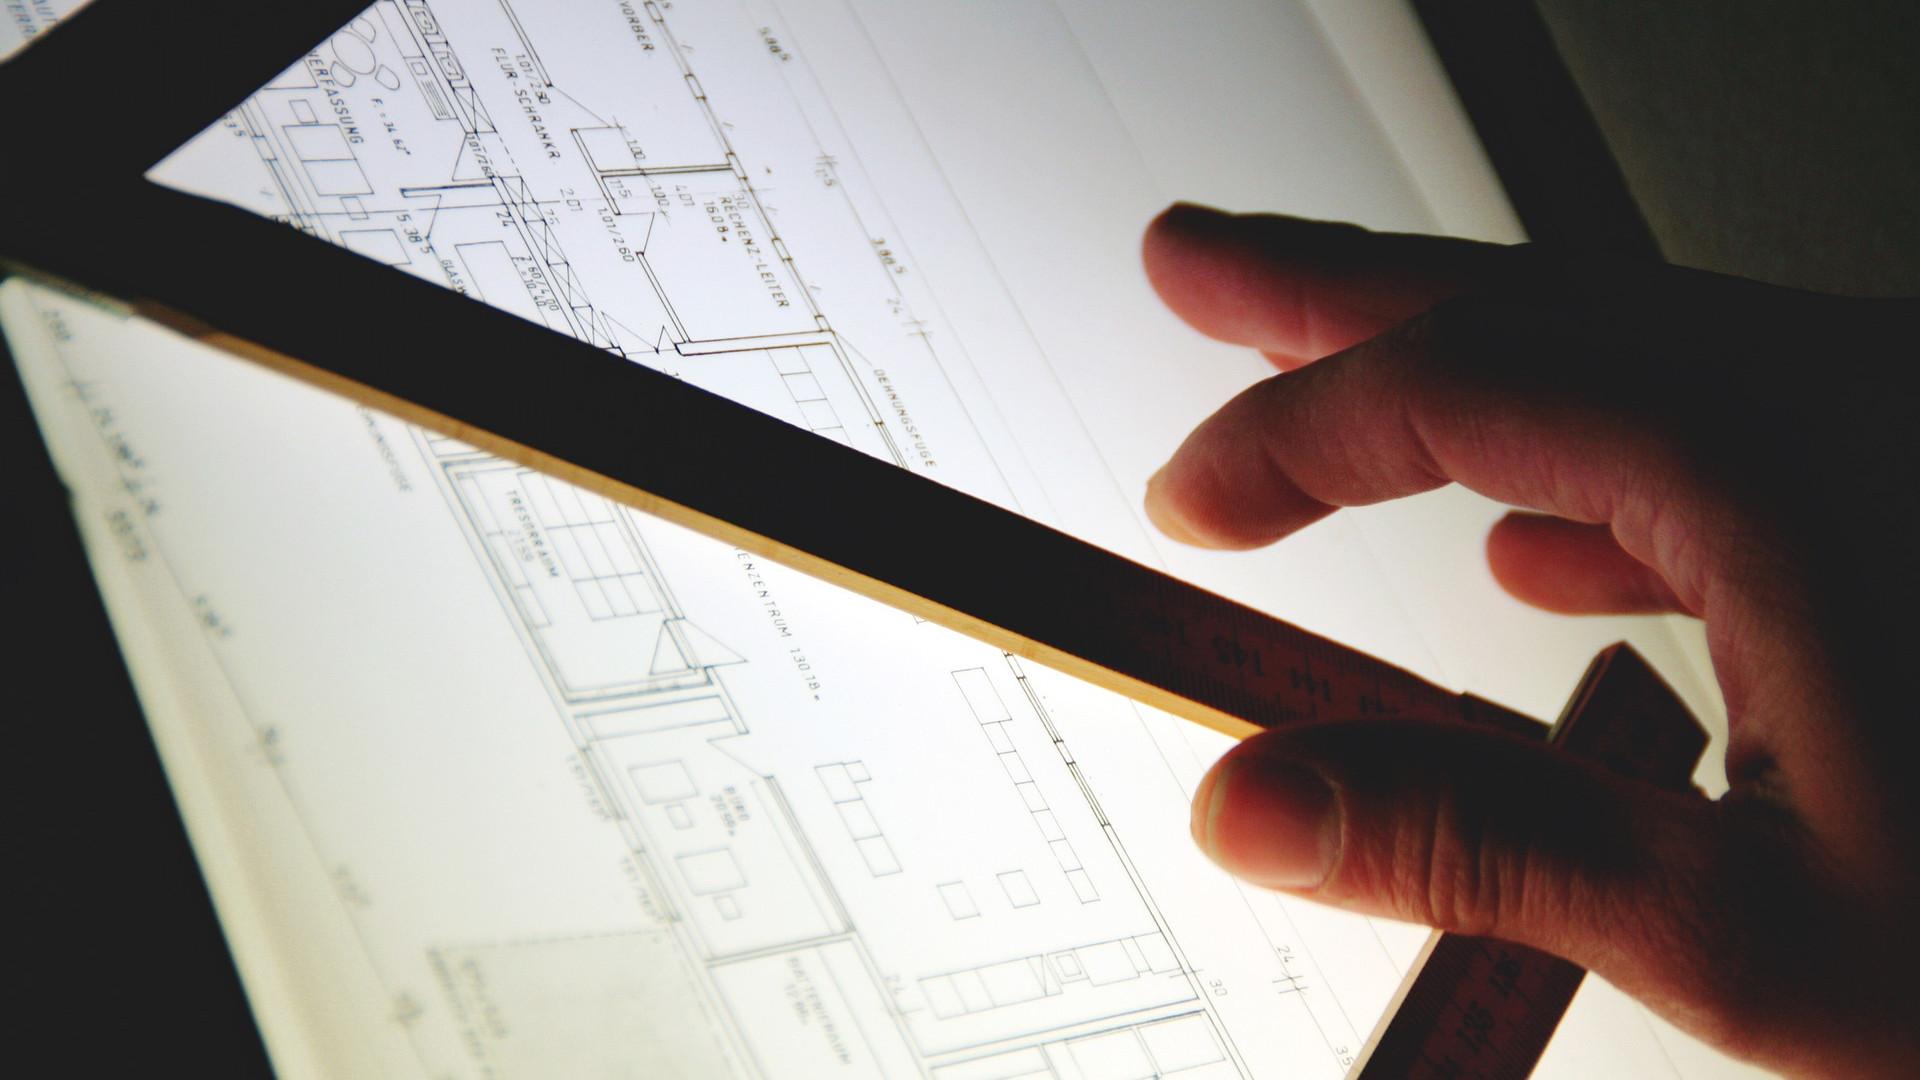 les offres d emploi s affichent sur la toile pour les architectes et les g om tres obonplan. Black Bedroom Furniture Sets. Home Design Ideas